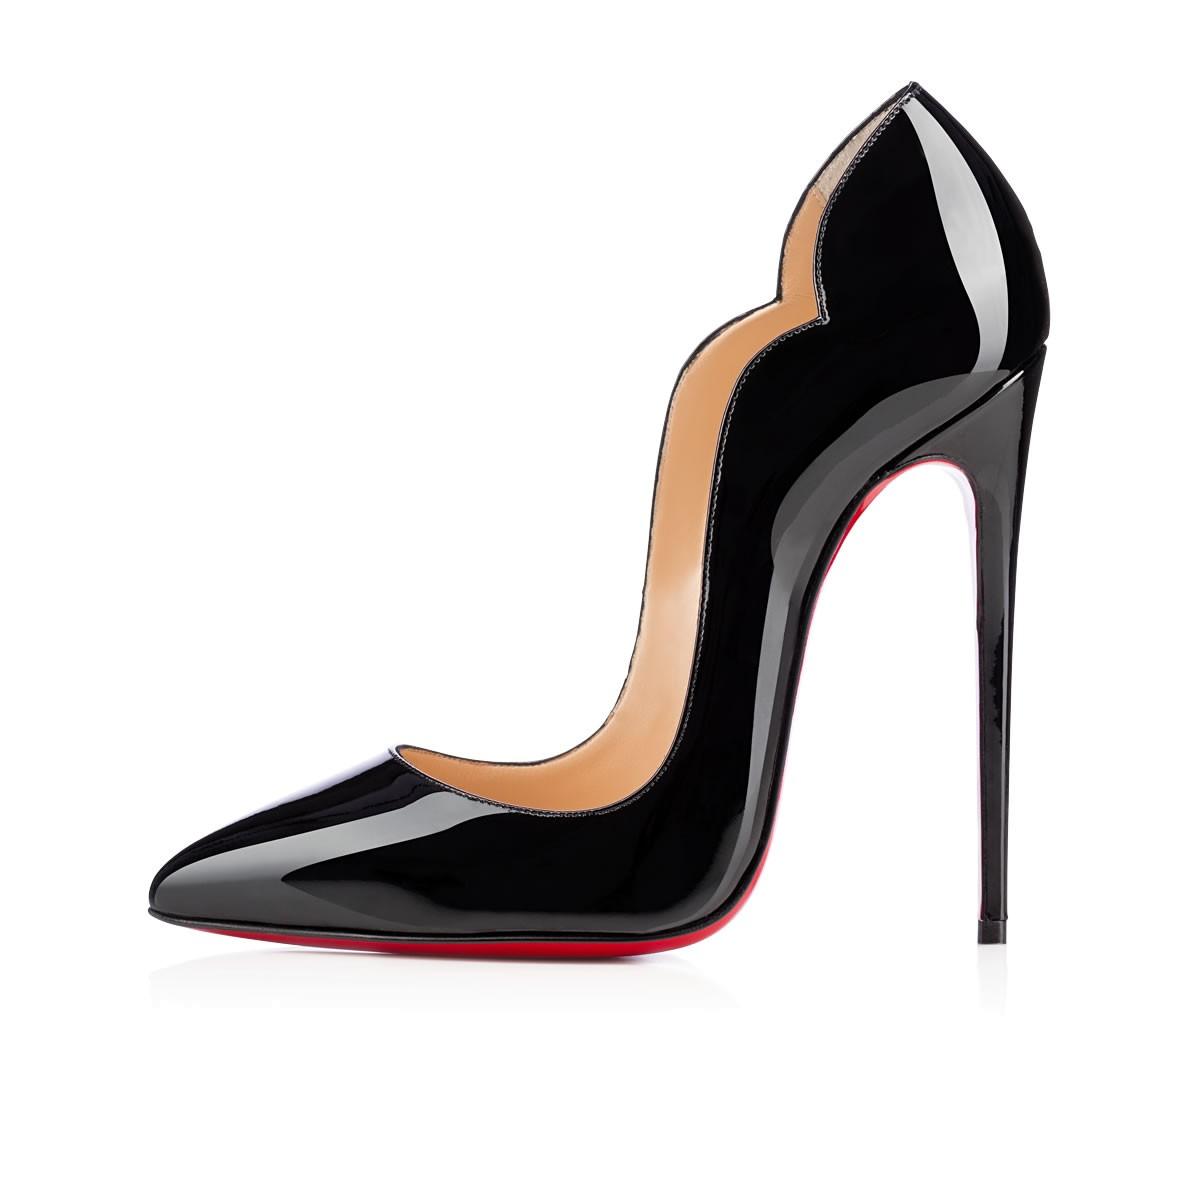 yuksek-topuklu-ayakkabi-modelleri-stiletto-11